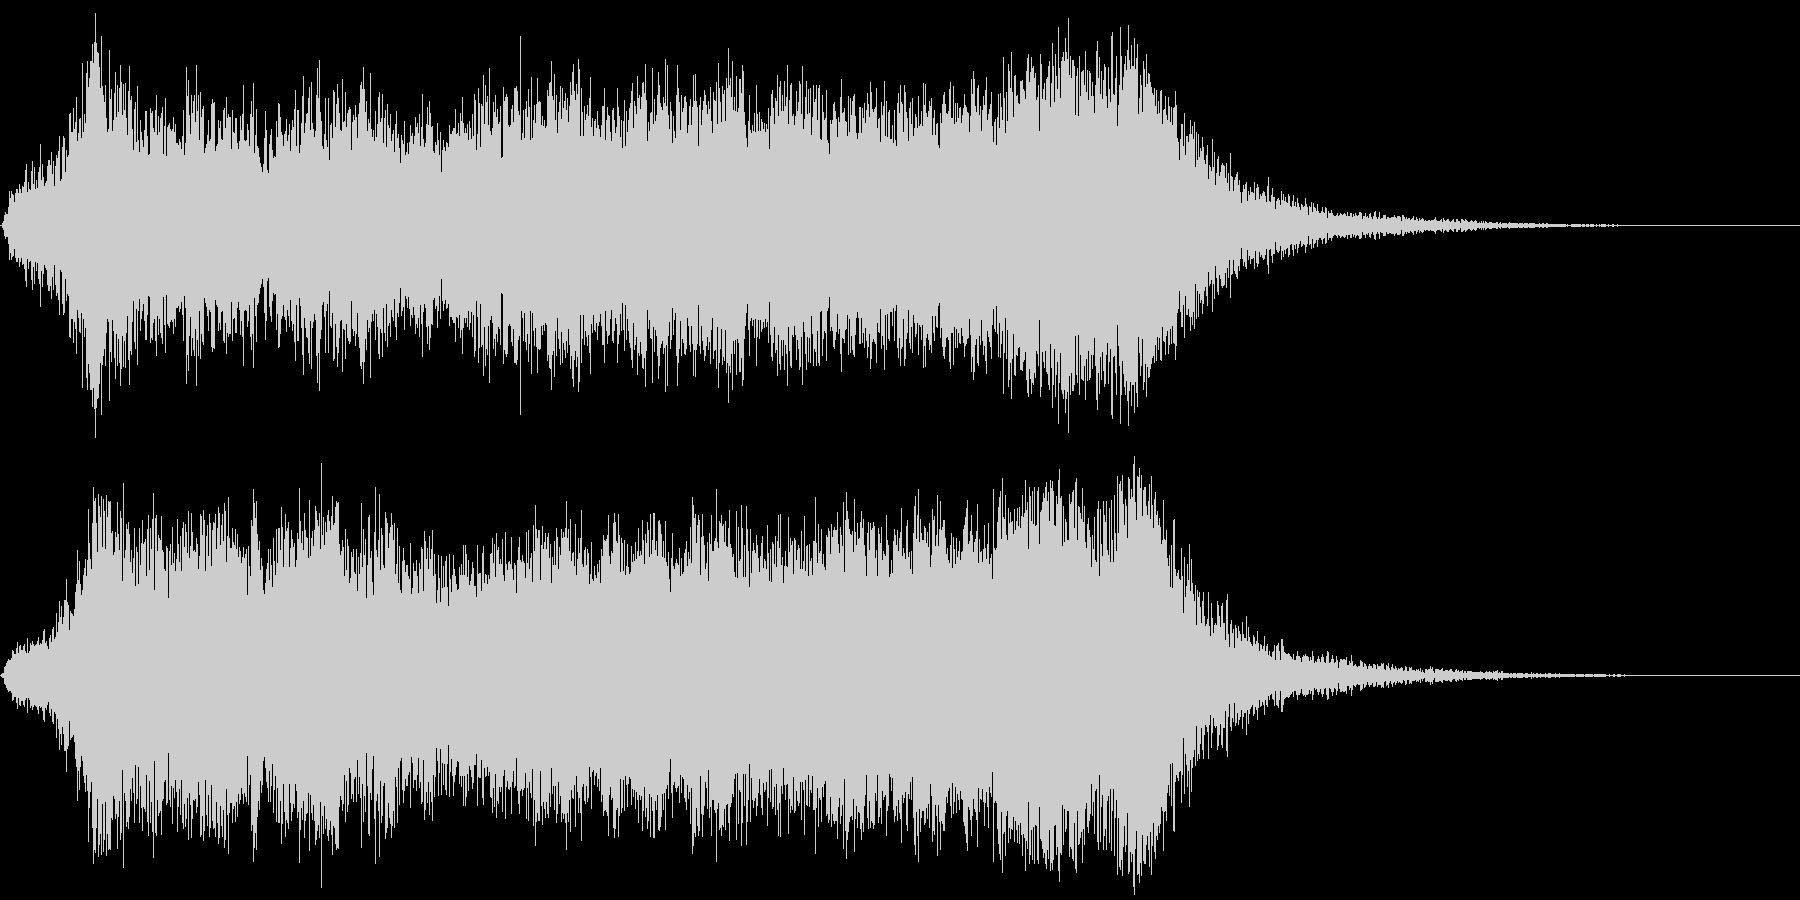 壮大なオーケストラのファンファーレの未再生の波形